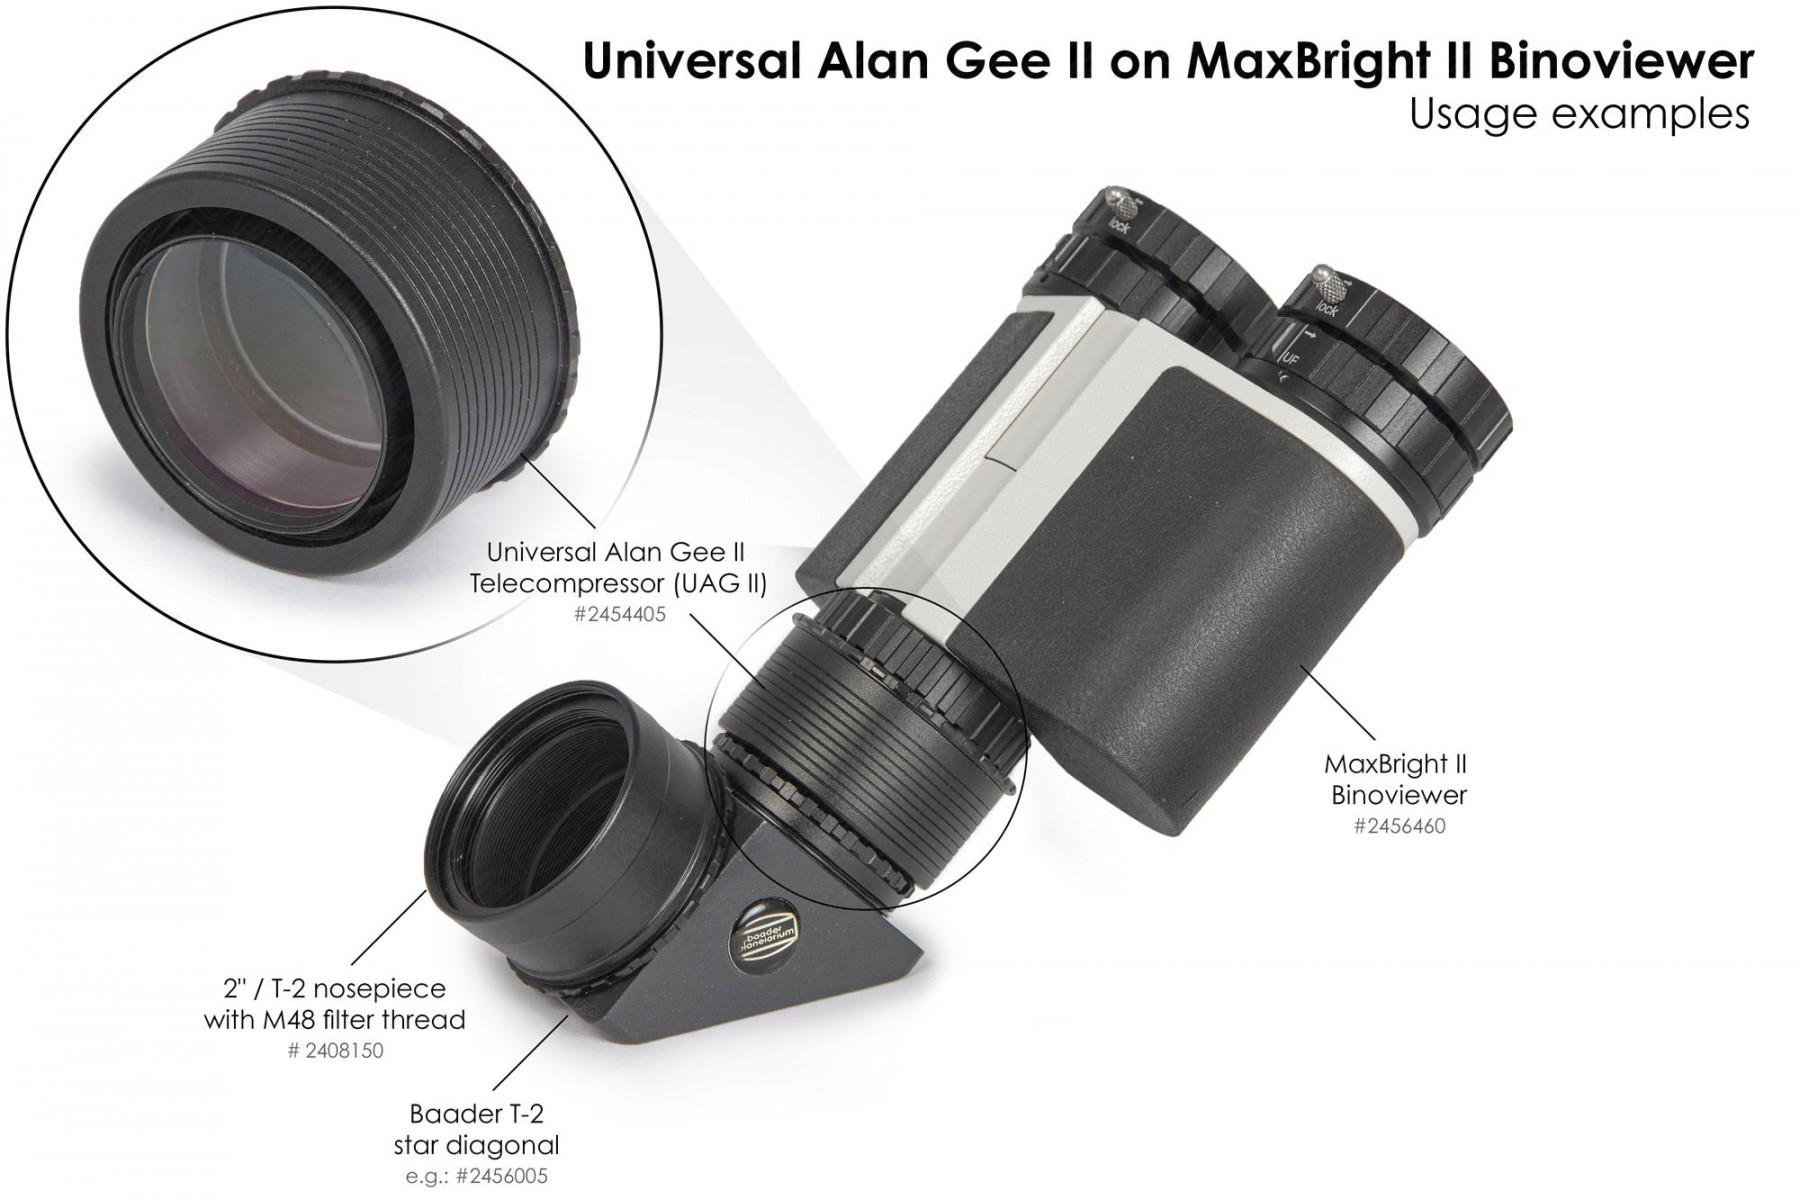 """Application image: Universal Alan Gee II #2454405 - Maxbright #2456460 SetUp 6 mit 2""""/T-2 # Steckanschluss mit M48 Filtergewinde #2408150 und T-2 Zenitspiegel #2456005"""